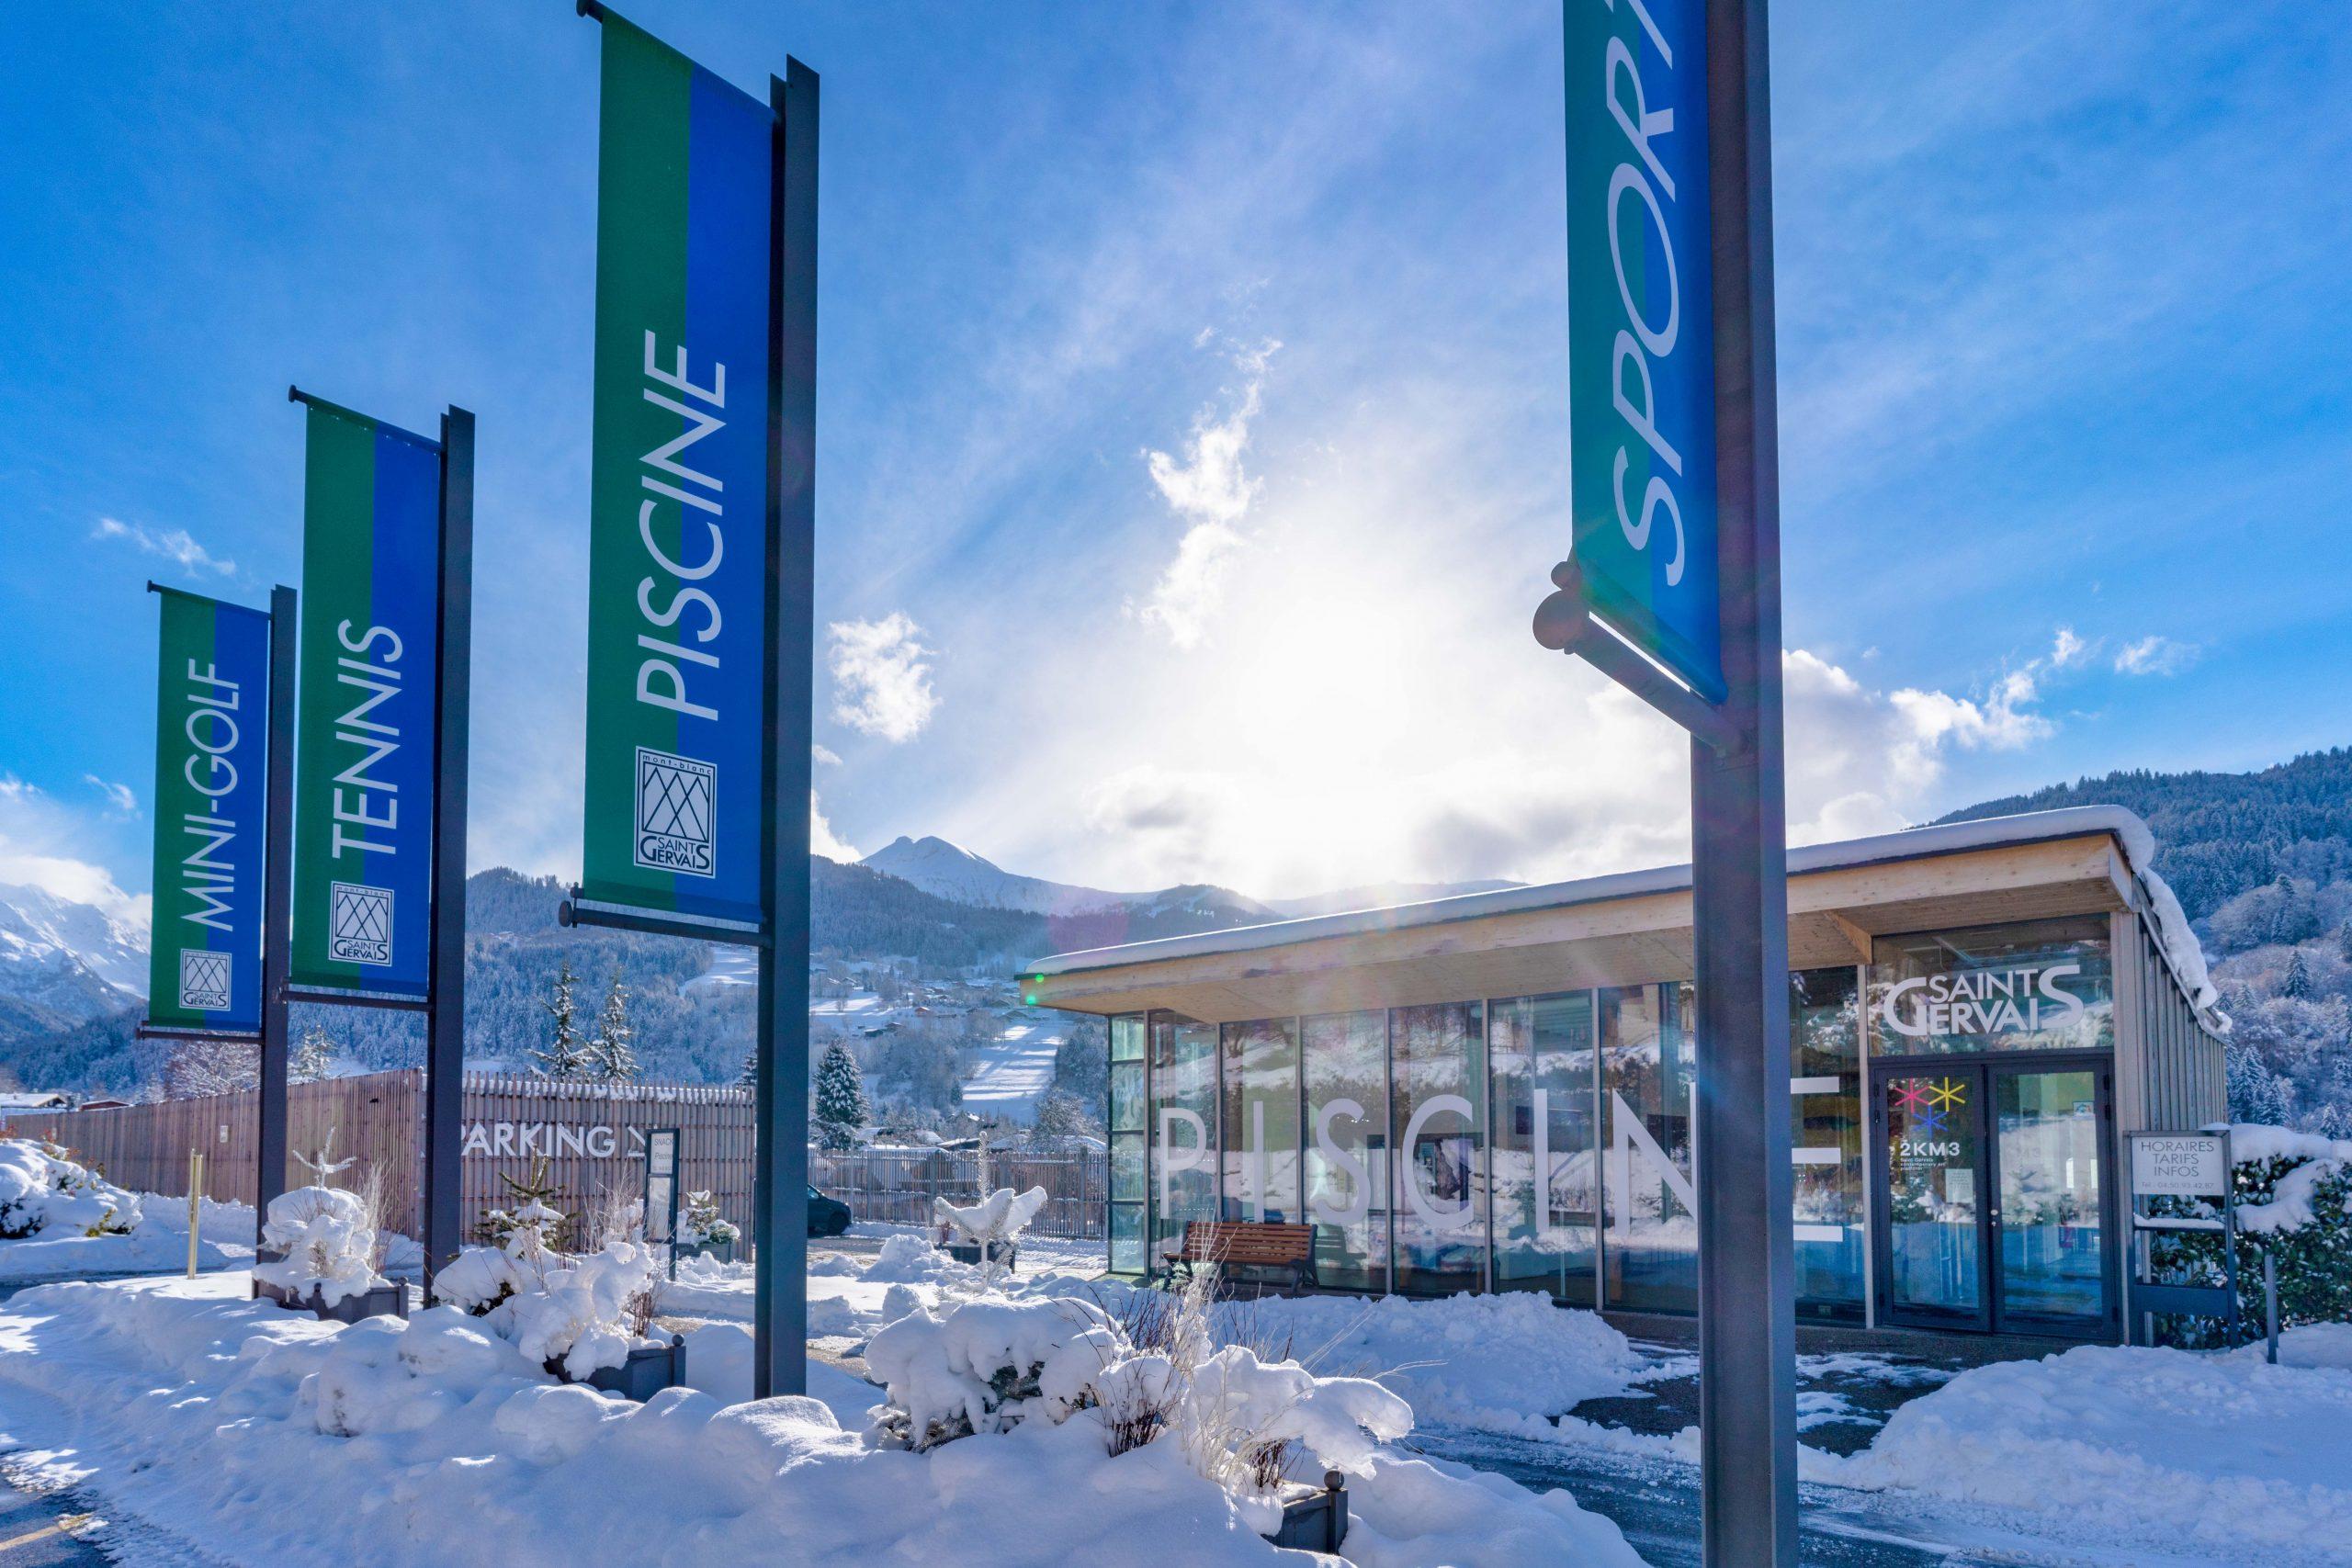 Piscine - Saint-Gervais Mont-Blanc - Montagne, Glisse ... tout Piscine Saint Gervais Les Bains